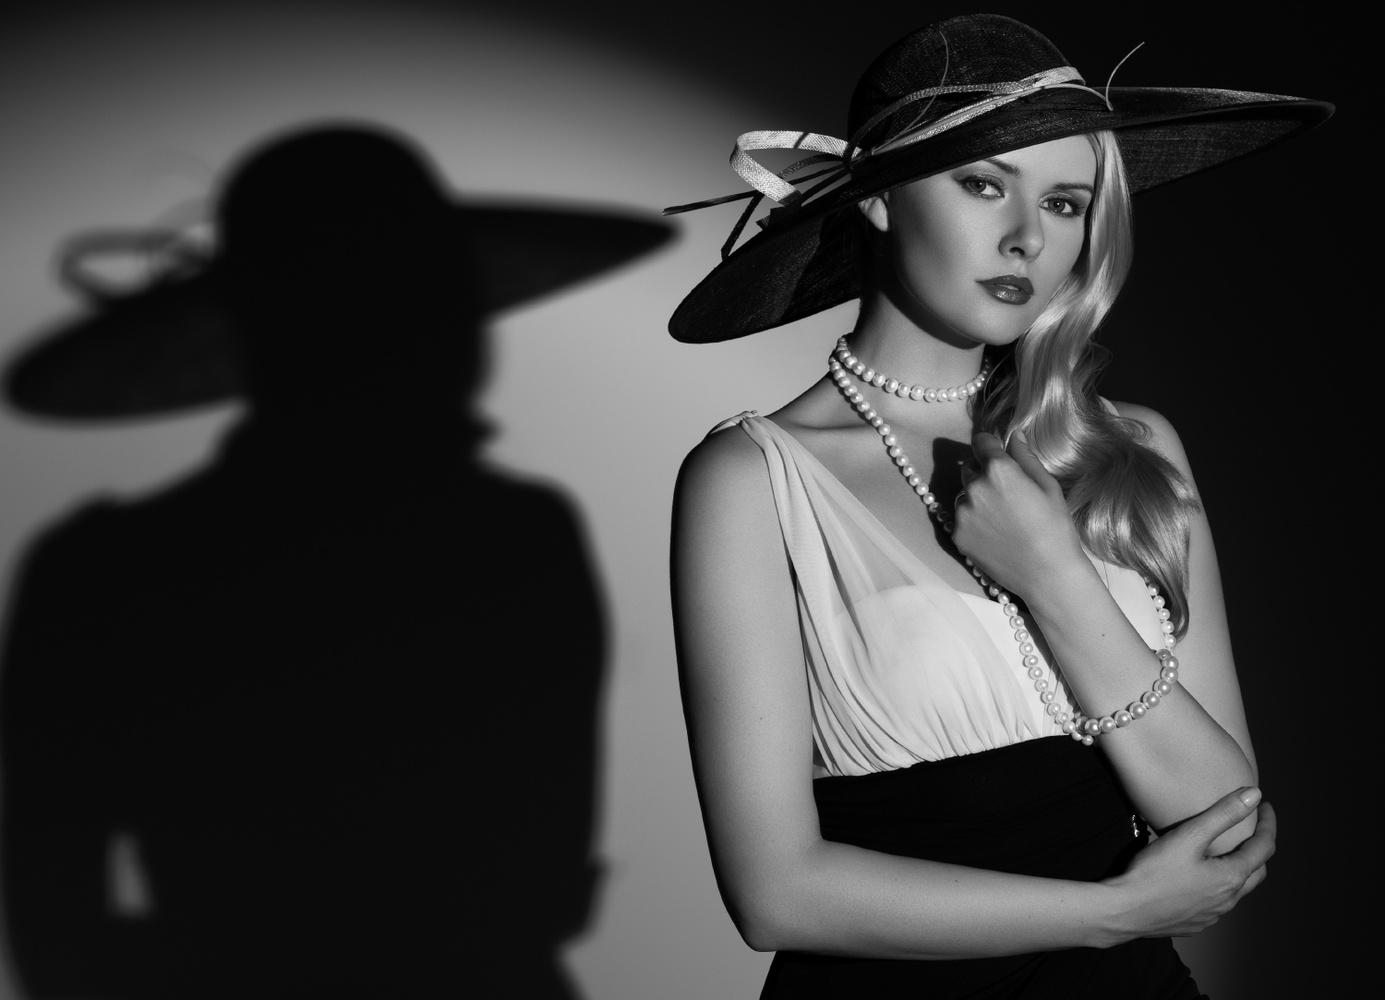 Carla Monaco 01 by Neil Jolley